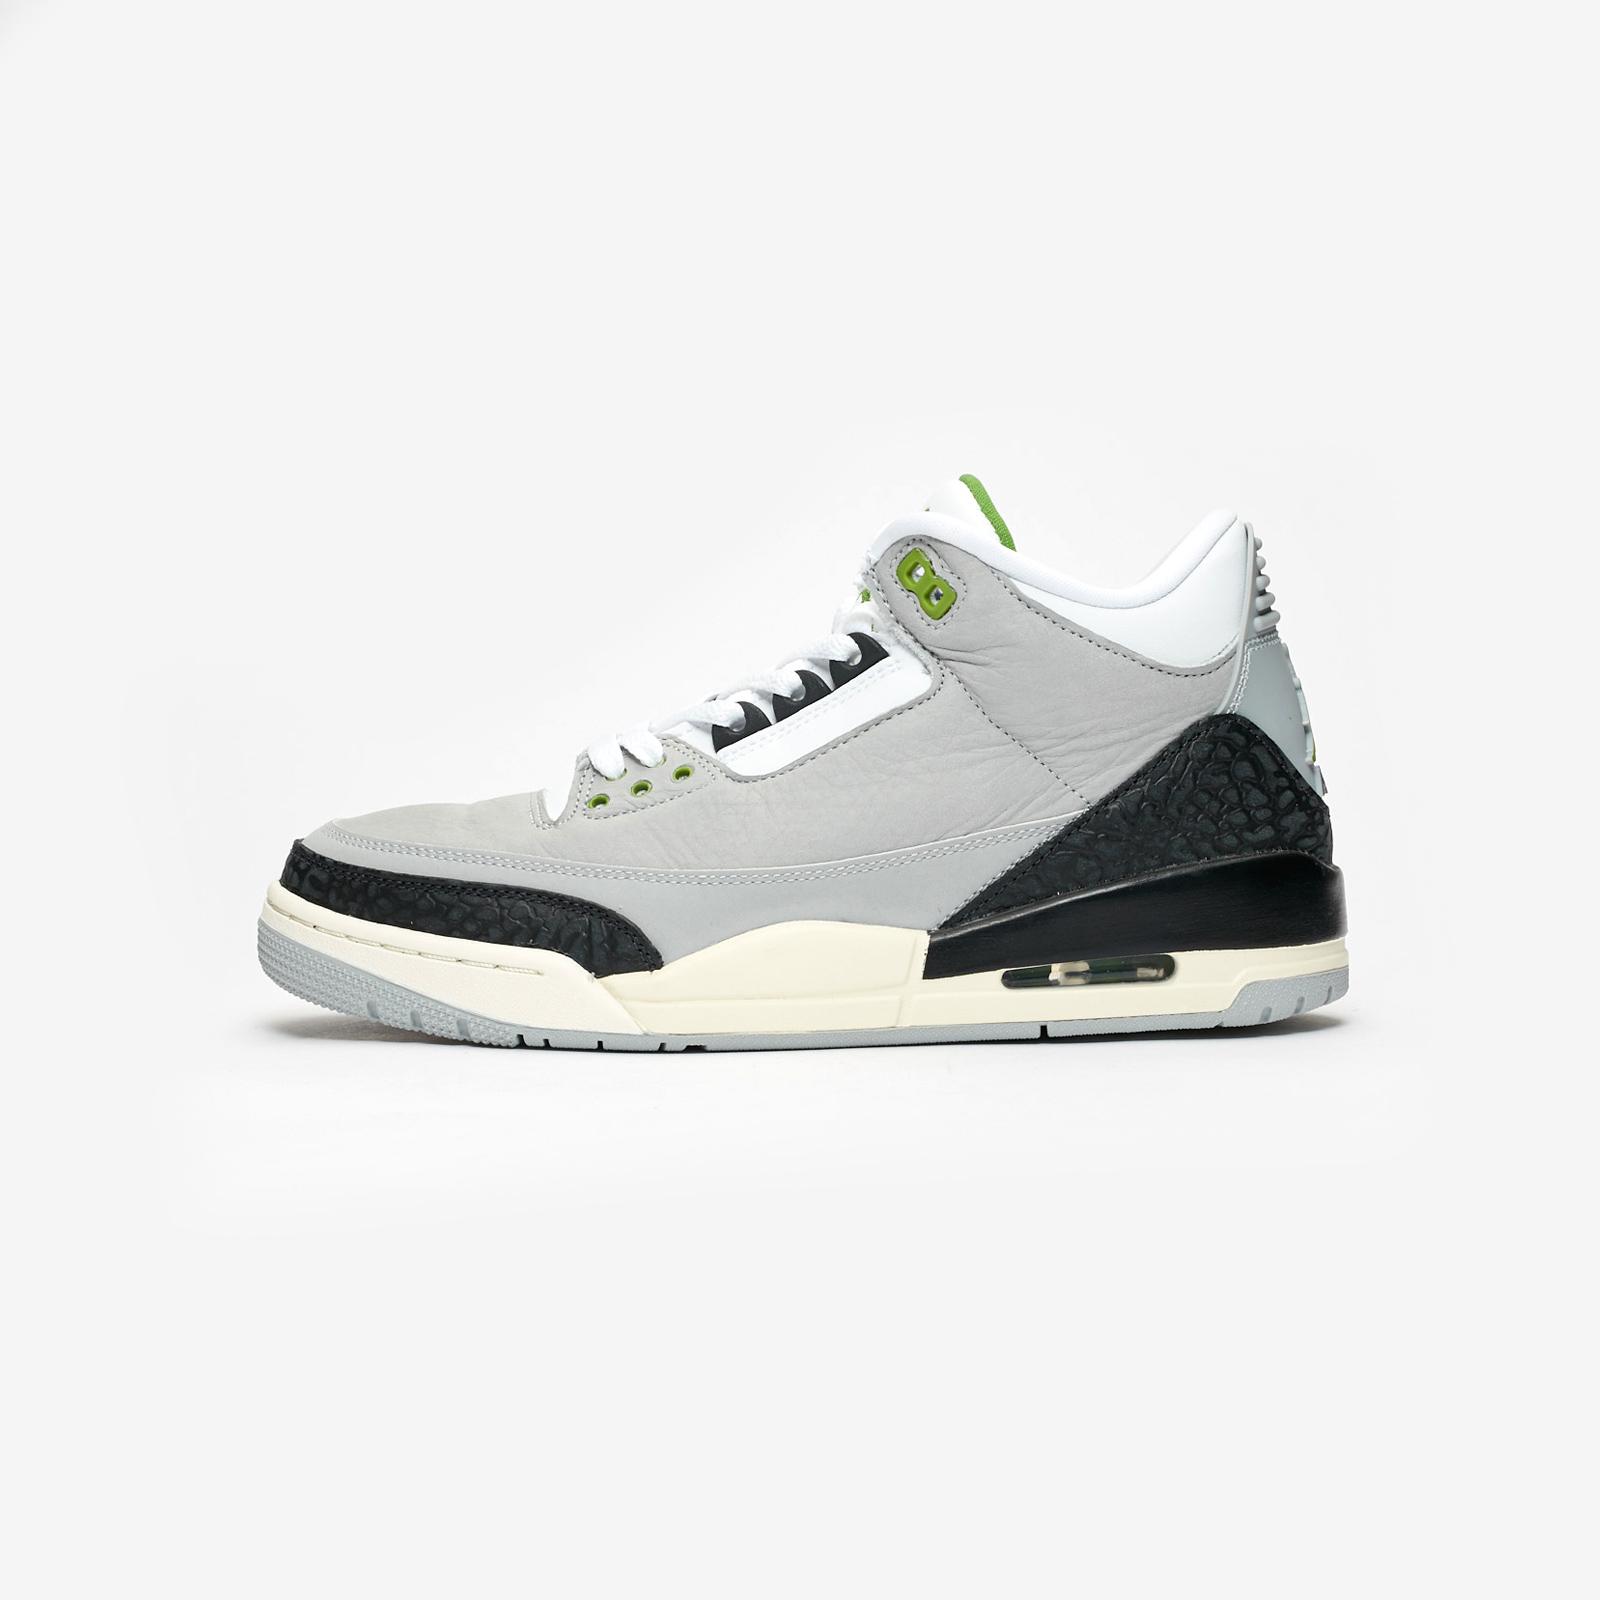 4f85e1eb5cbe69 Jordan Brand Air Jordan 3 Retro - 136064-006 - Sneakersnstuff ...